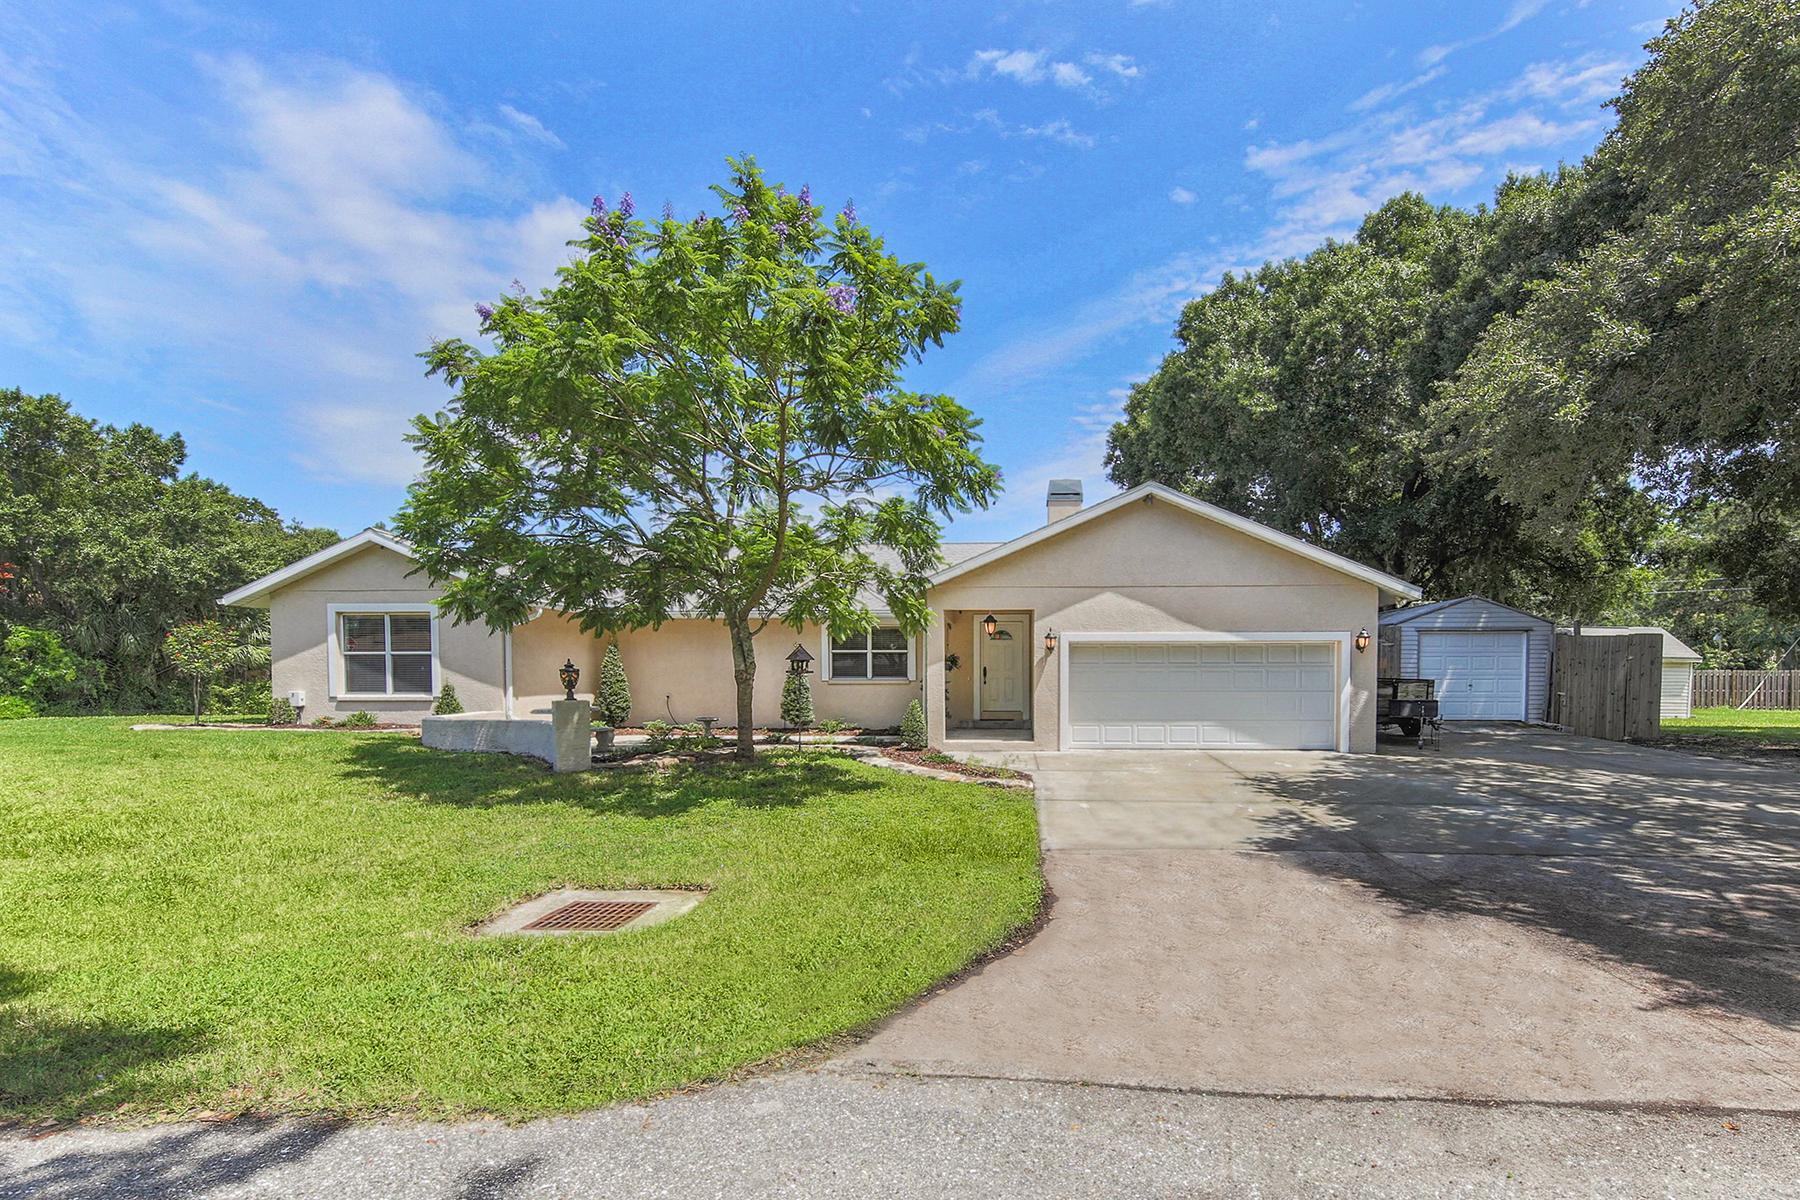 Частный односемейный дом для того Продажа на SOUTH VENICE 264 Oberlin Rd Venice, Флорида, 34293 Соединенные Штаты